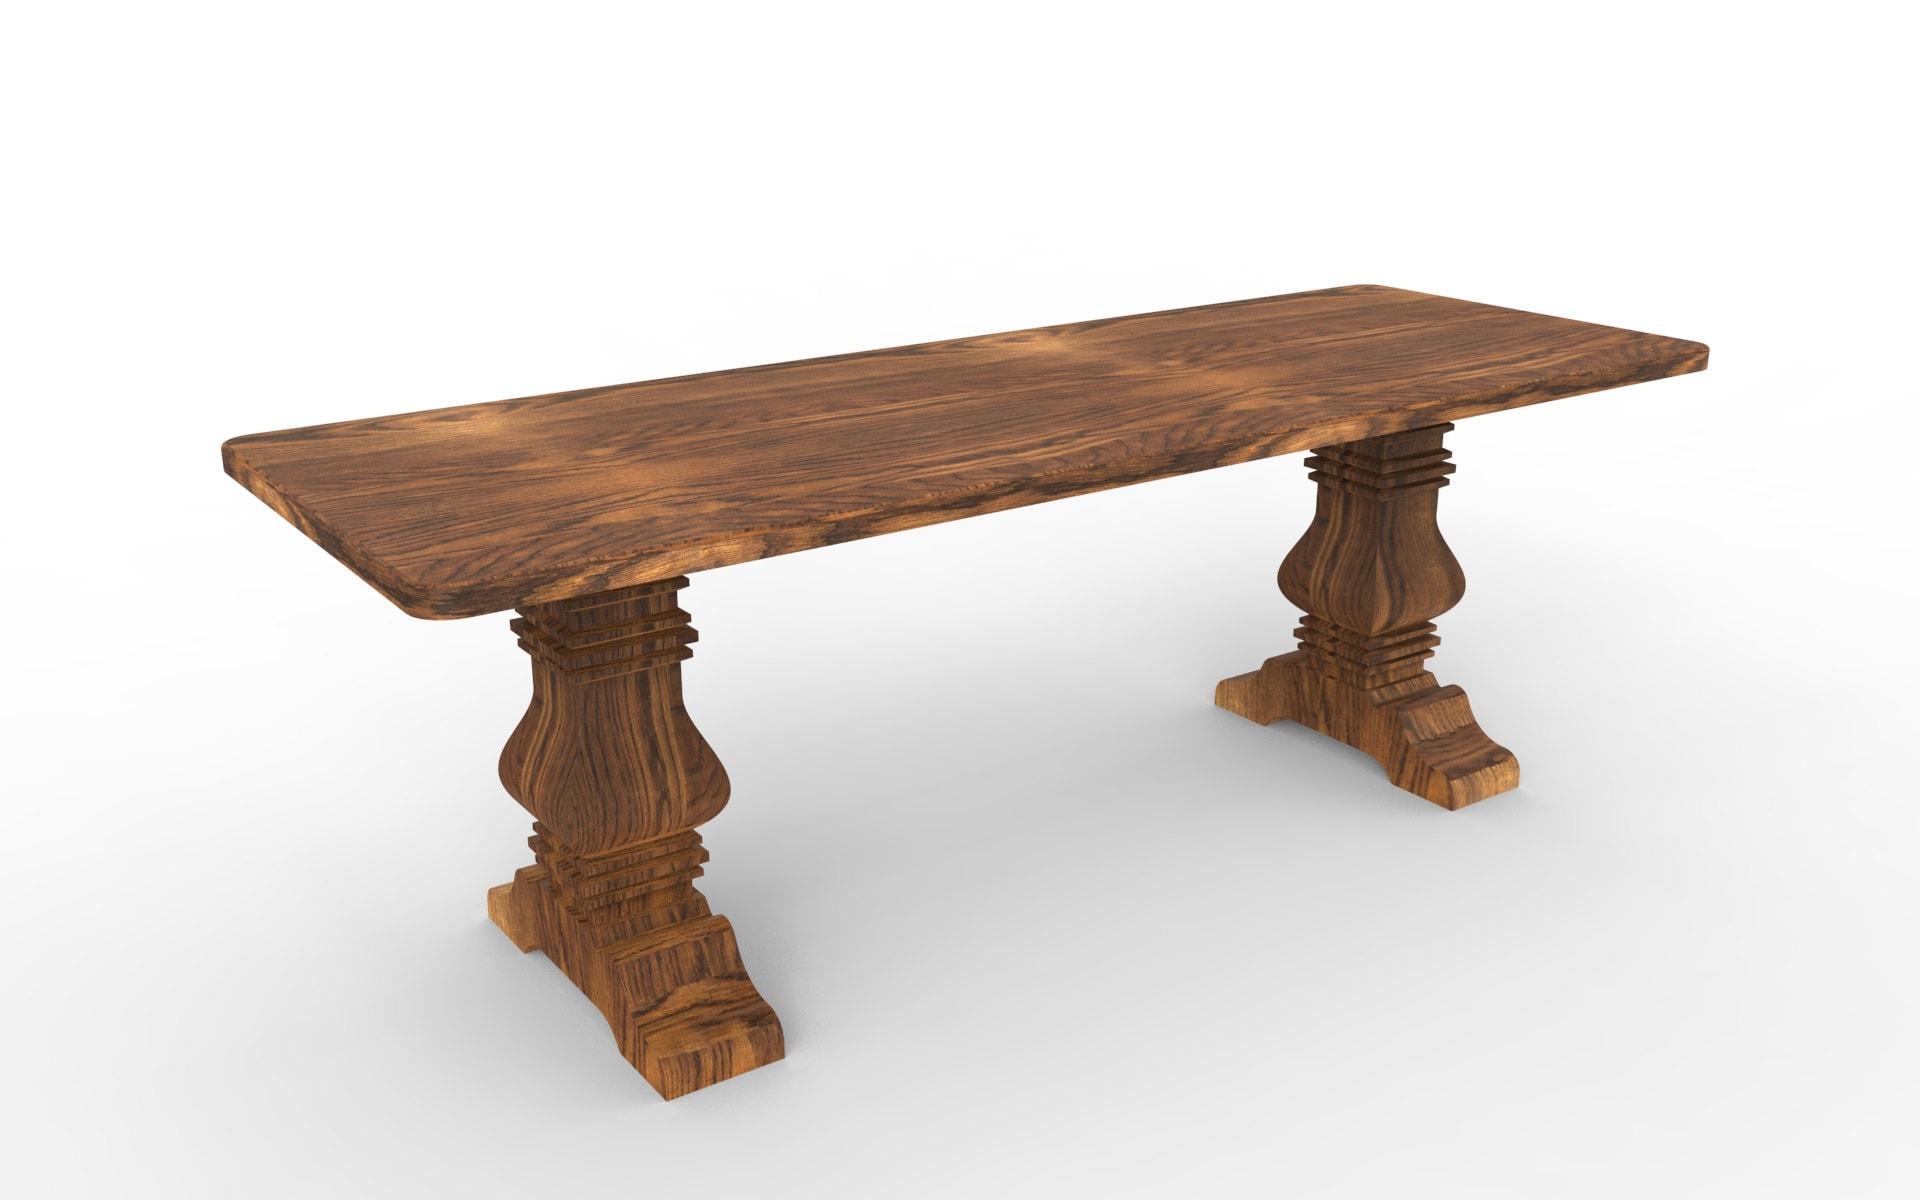 Table Legs Design 59 Furniture